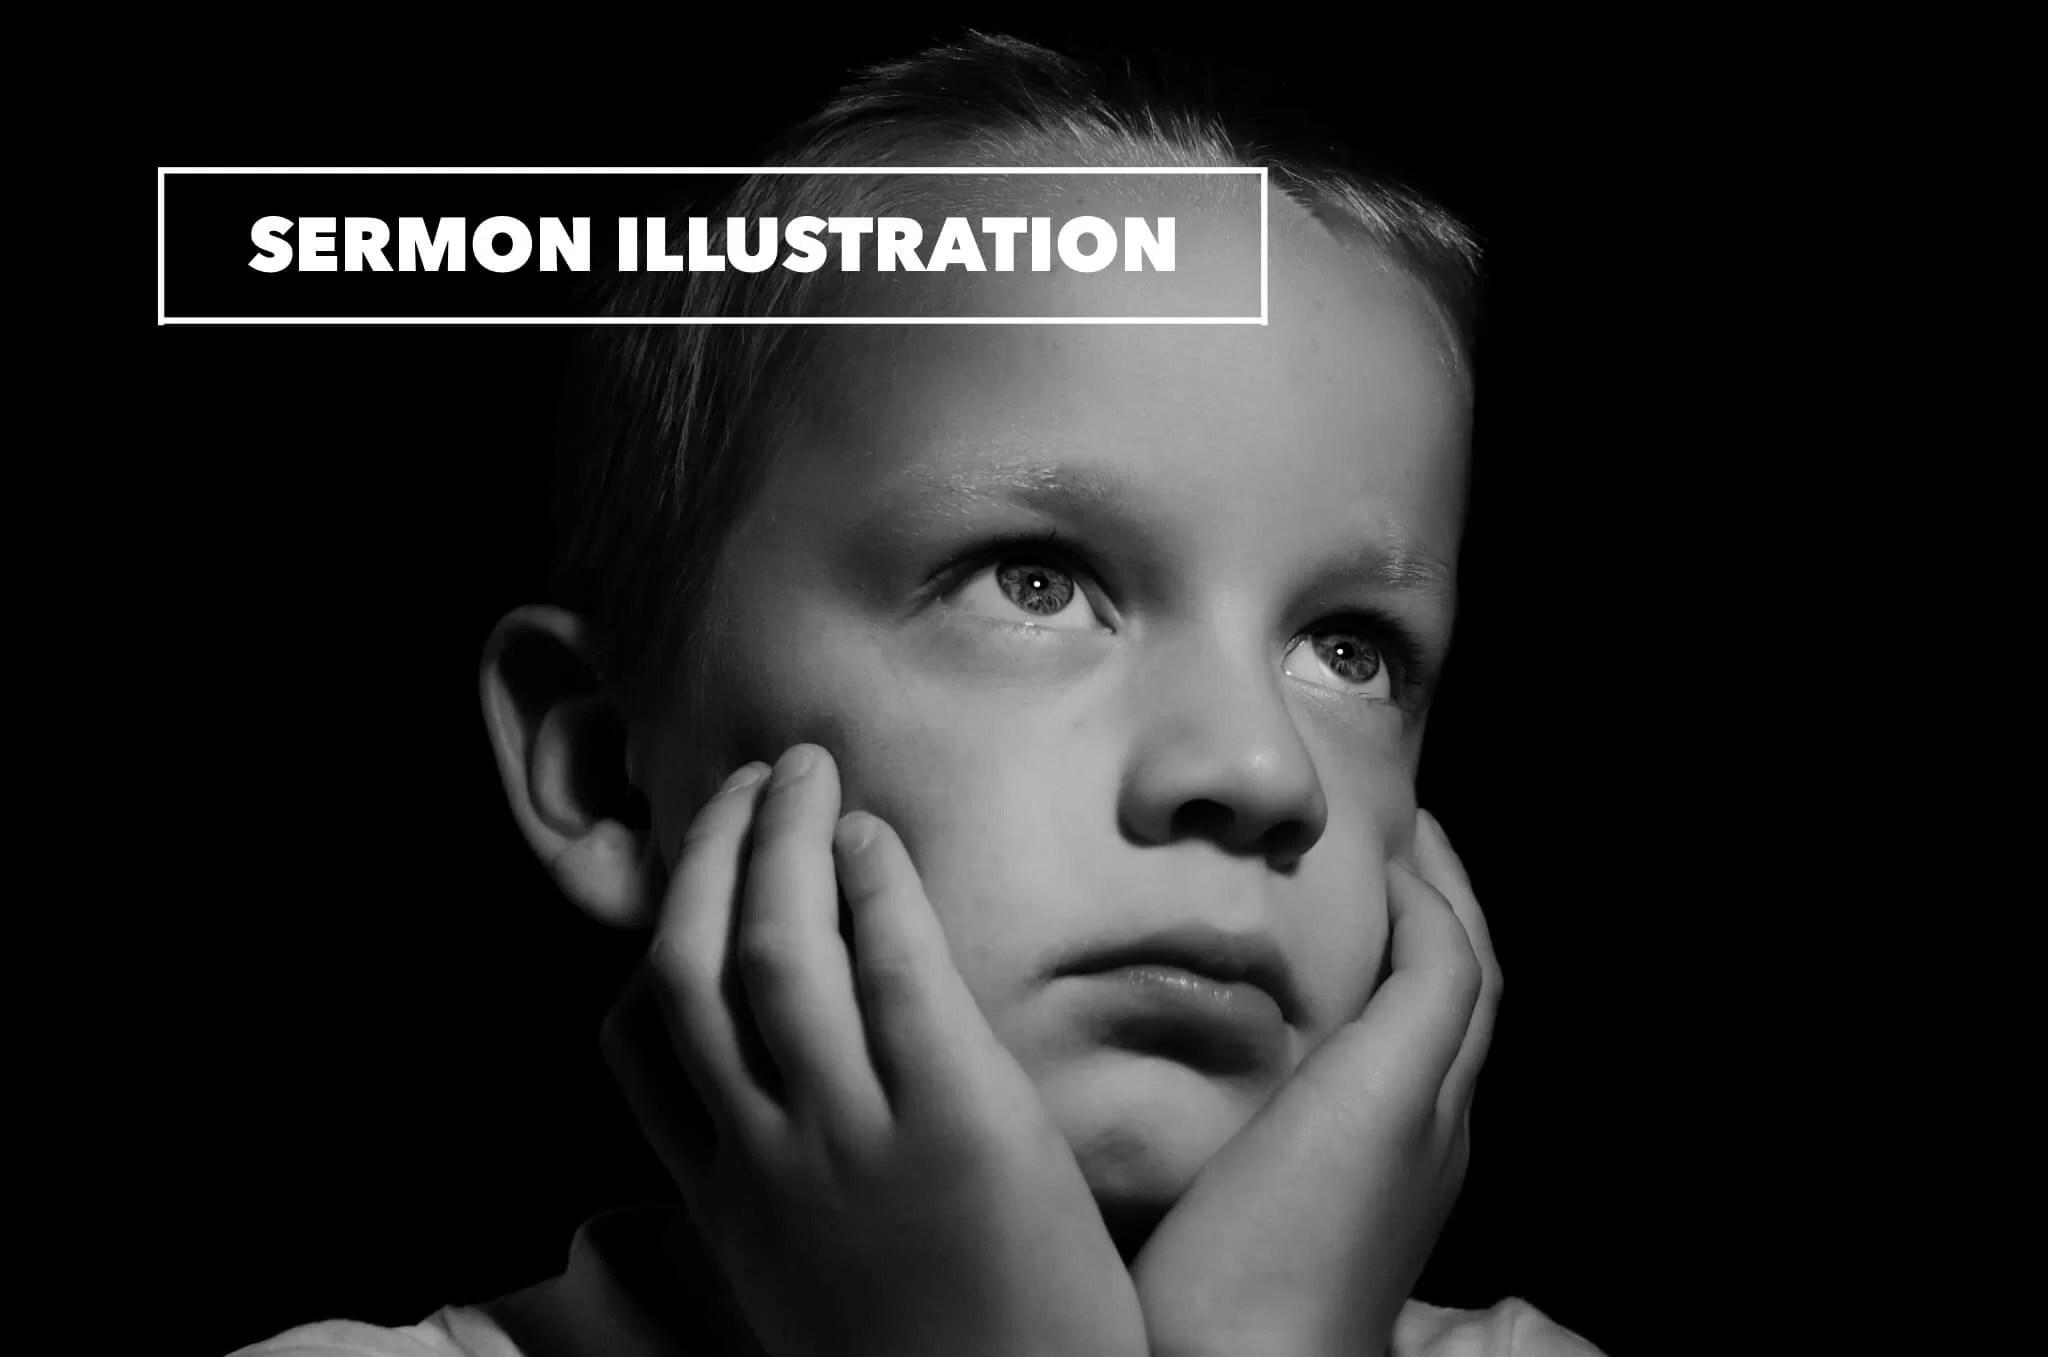 sermon illustration on stress